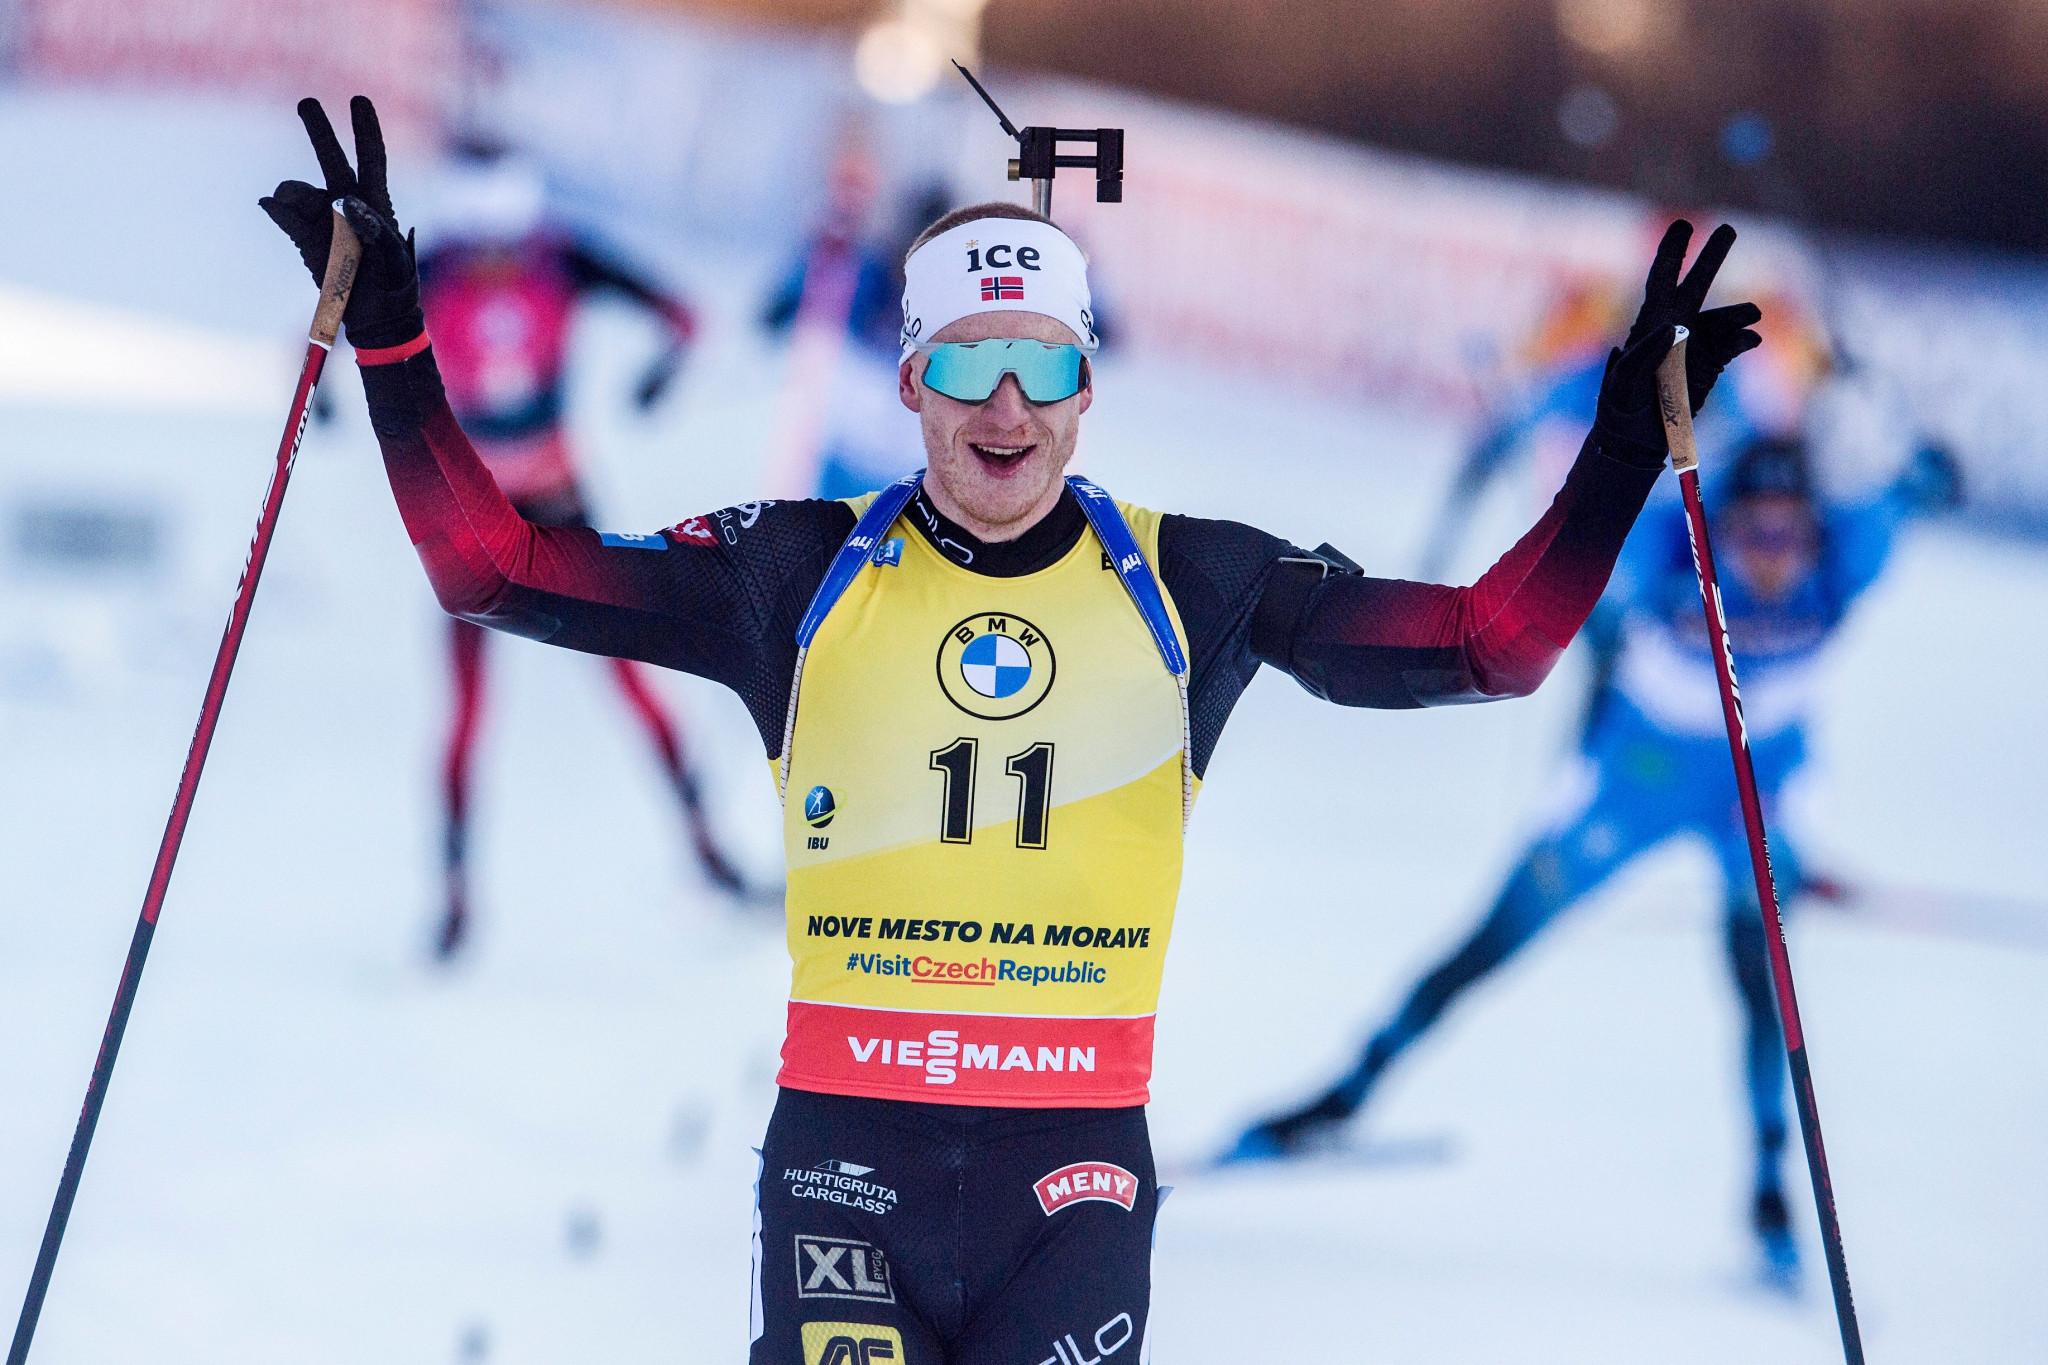 Second IBU Biathlon World Cup weekend in Nové Město na Moravě to start tomorrow